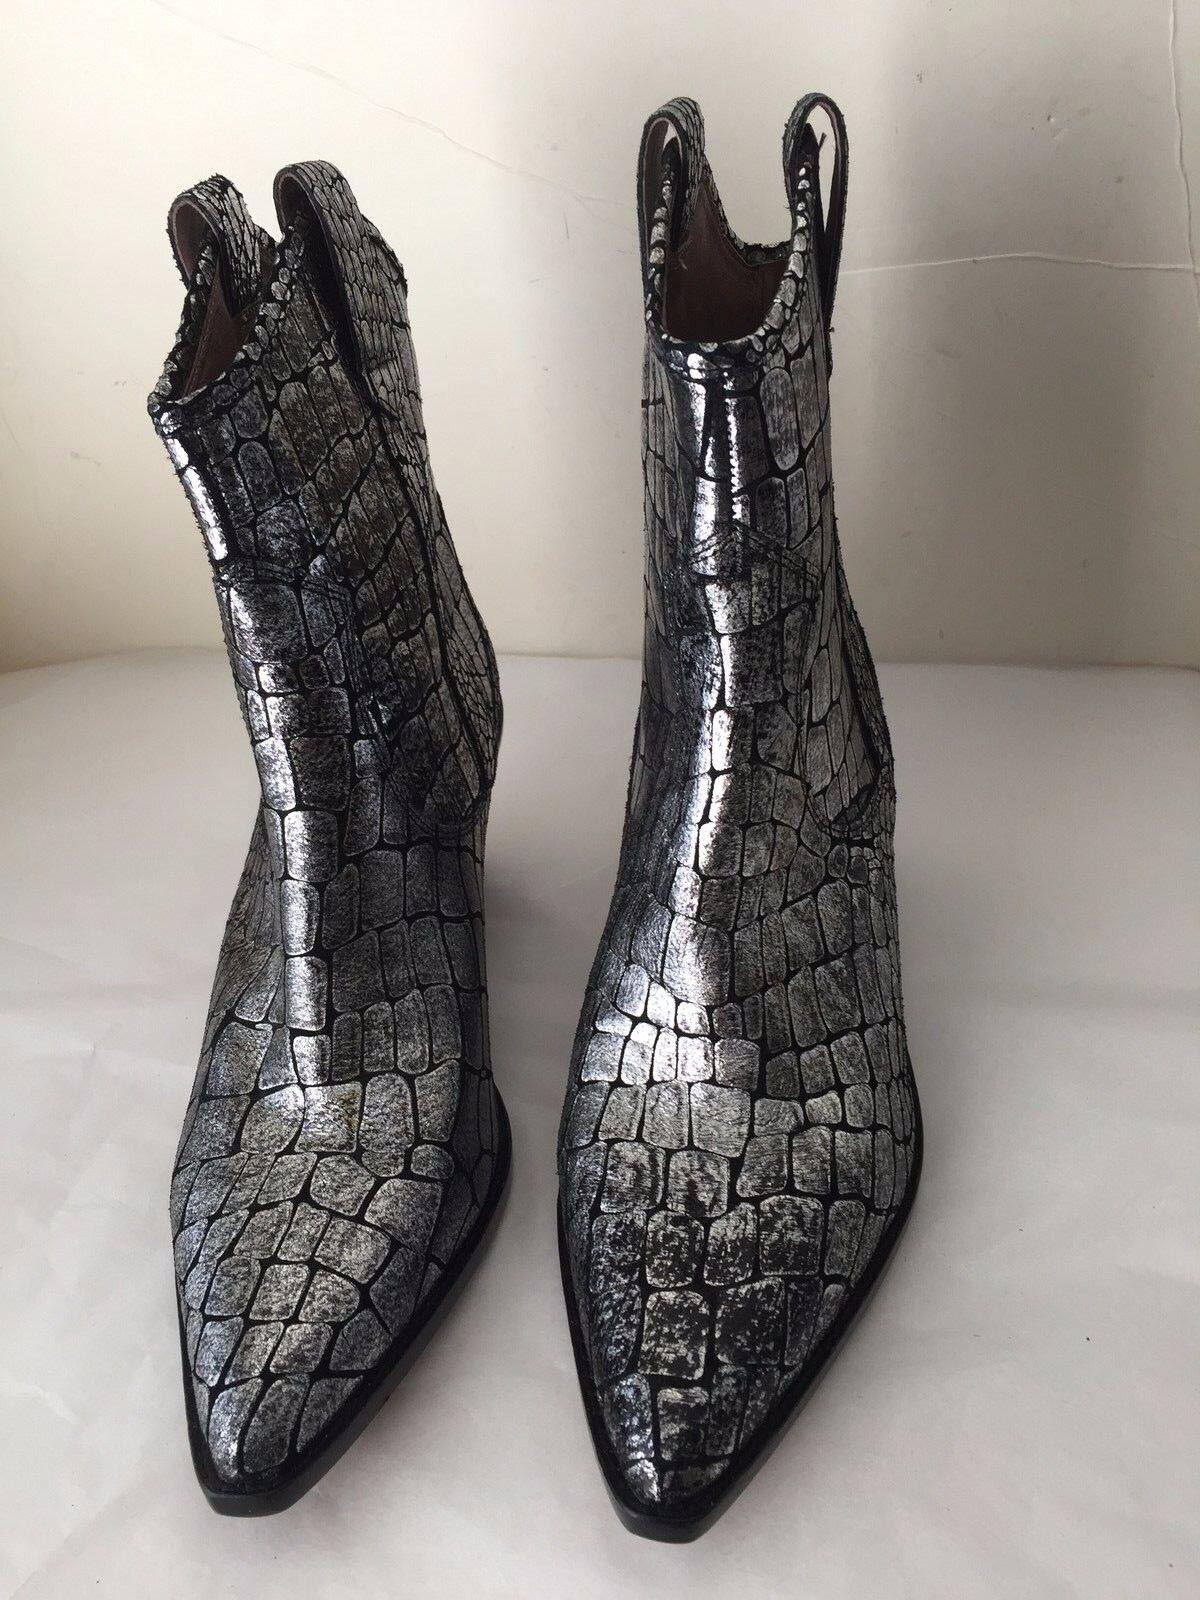 solo cómpralo Donald Pliner sesi Cocodrilo en relieve de de de Peltre Metálico botas occidentales izquierda 8.5 derecha 8  punto de venta en línea